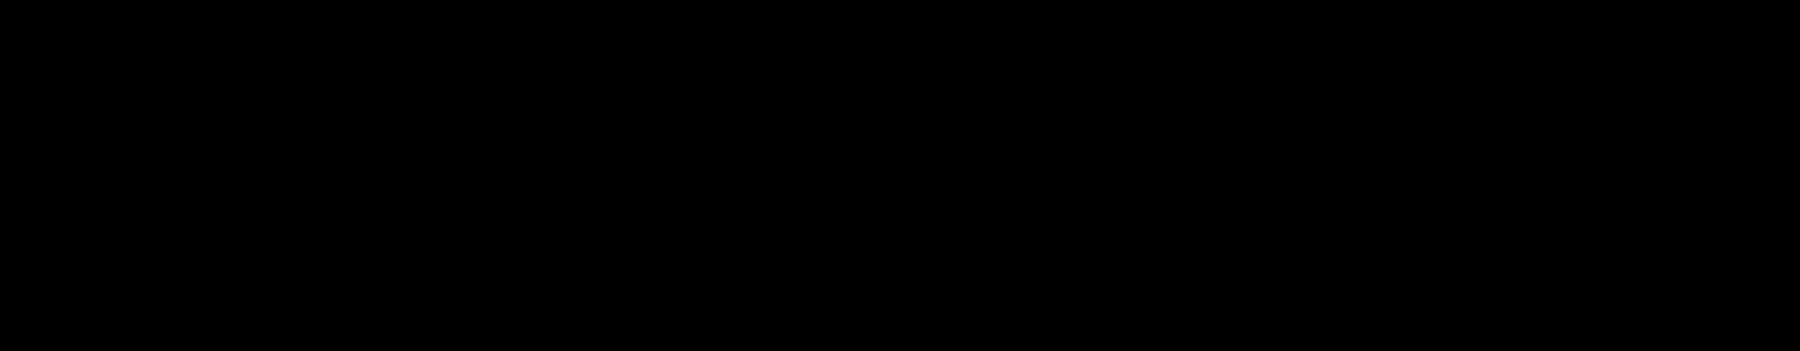 Logo of Van Dijck Photo